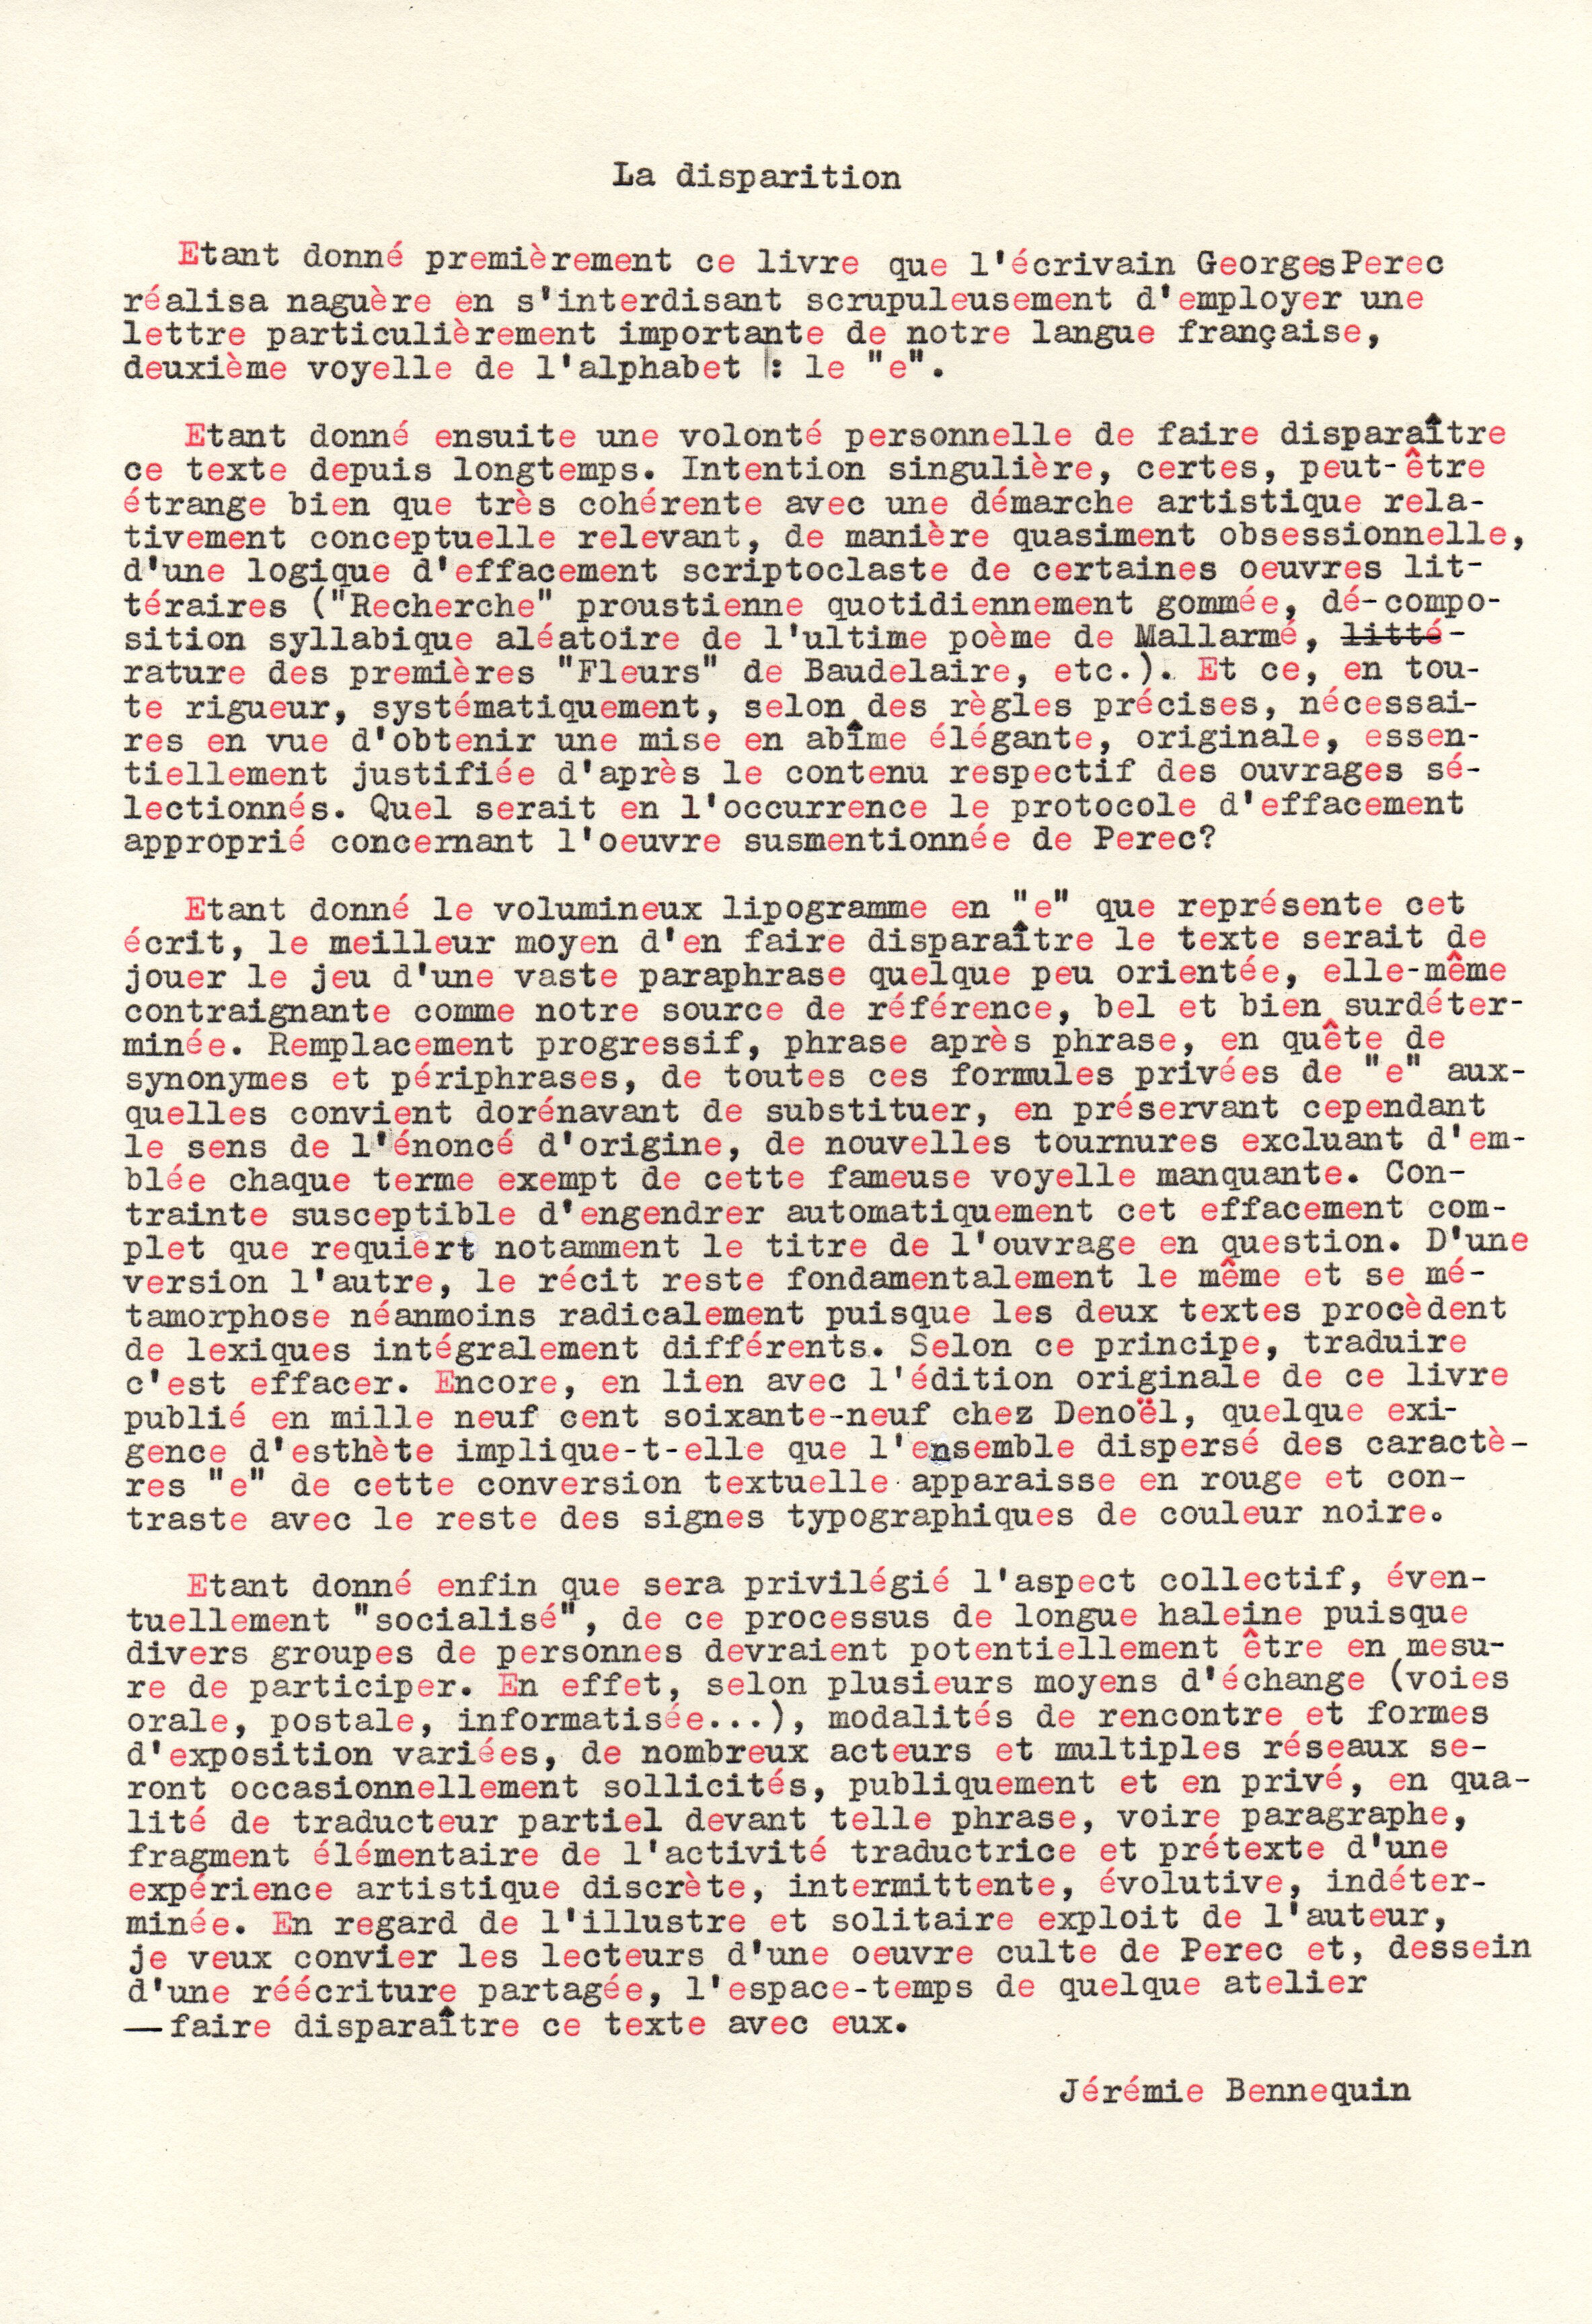 L'e-disparition, statement, 2018, tapuscrit en rouge et noir, 29 x 20 cm